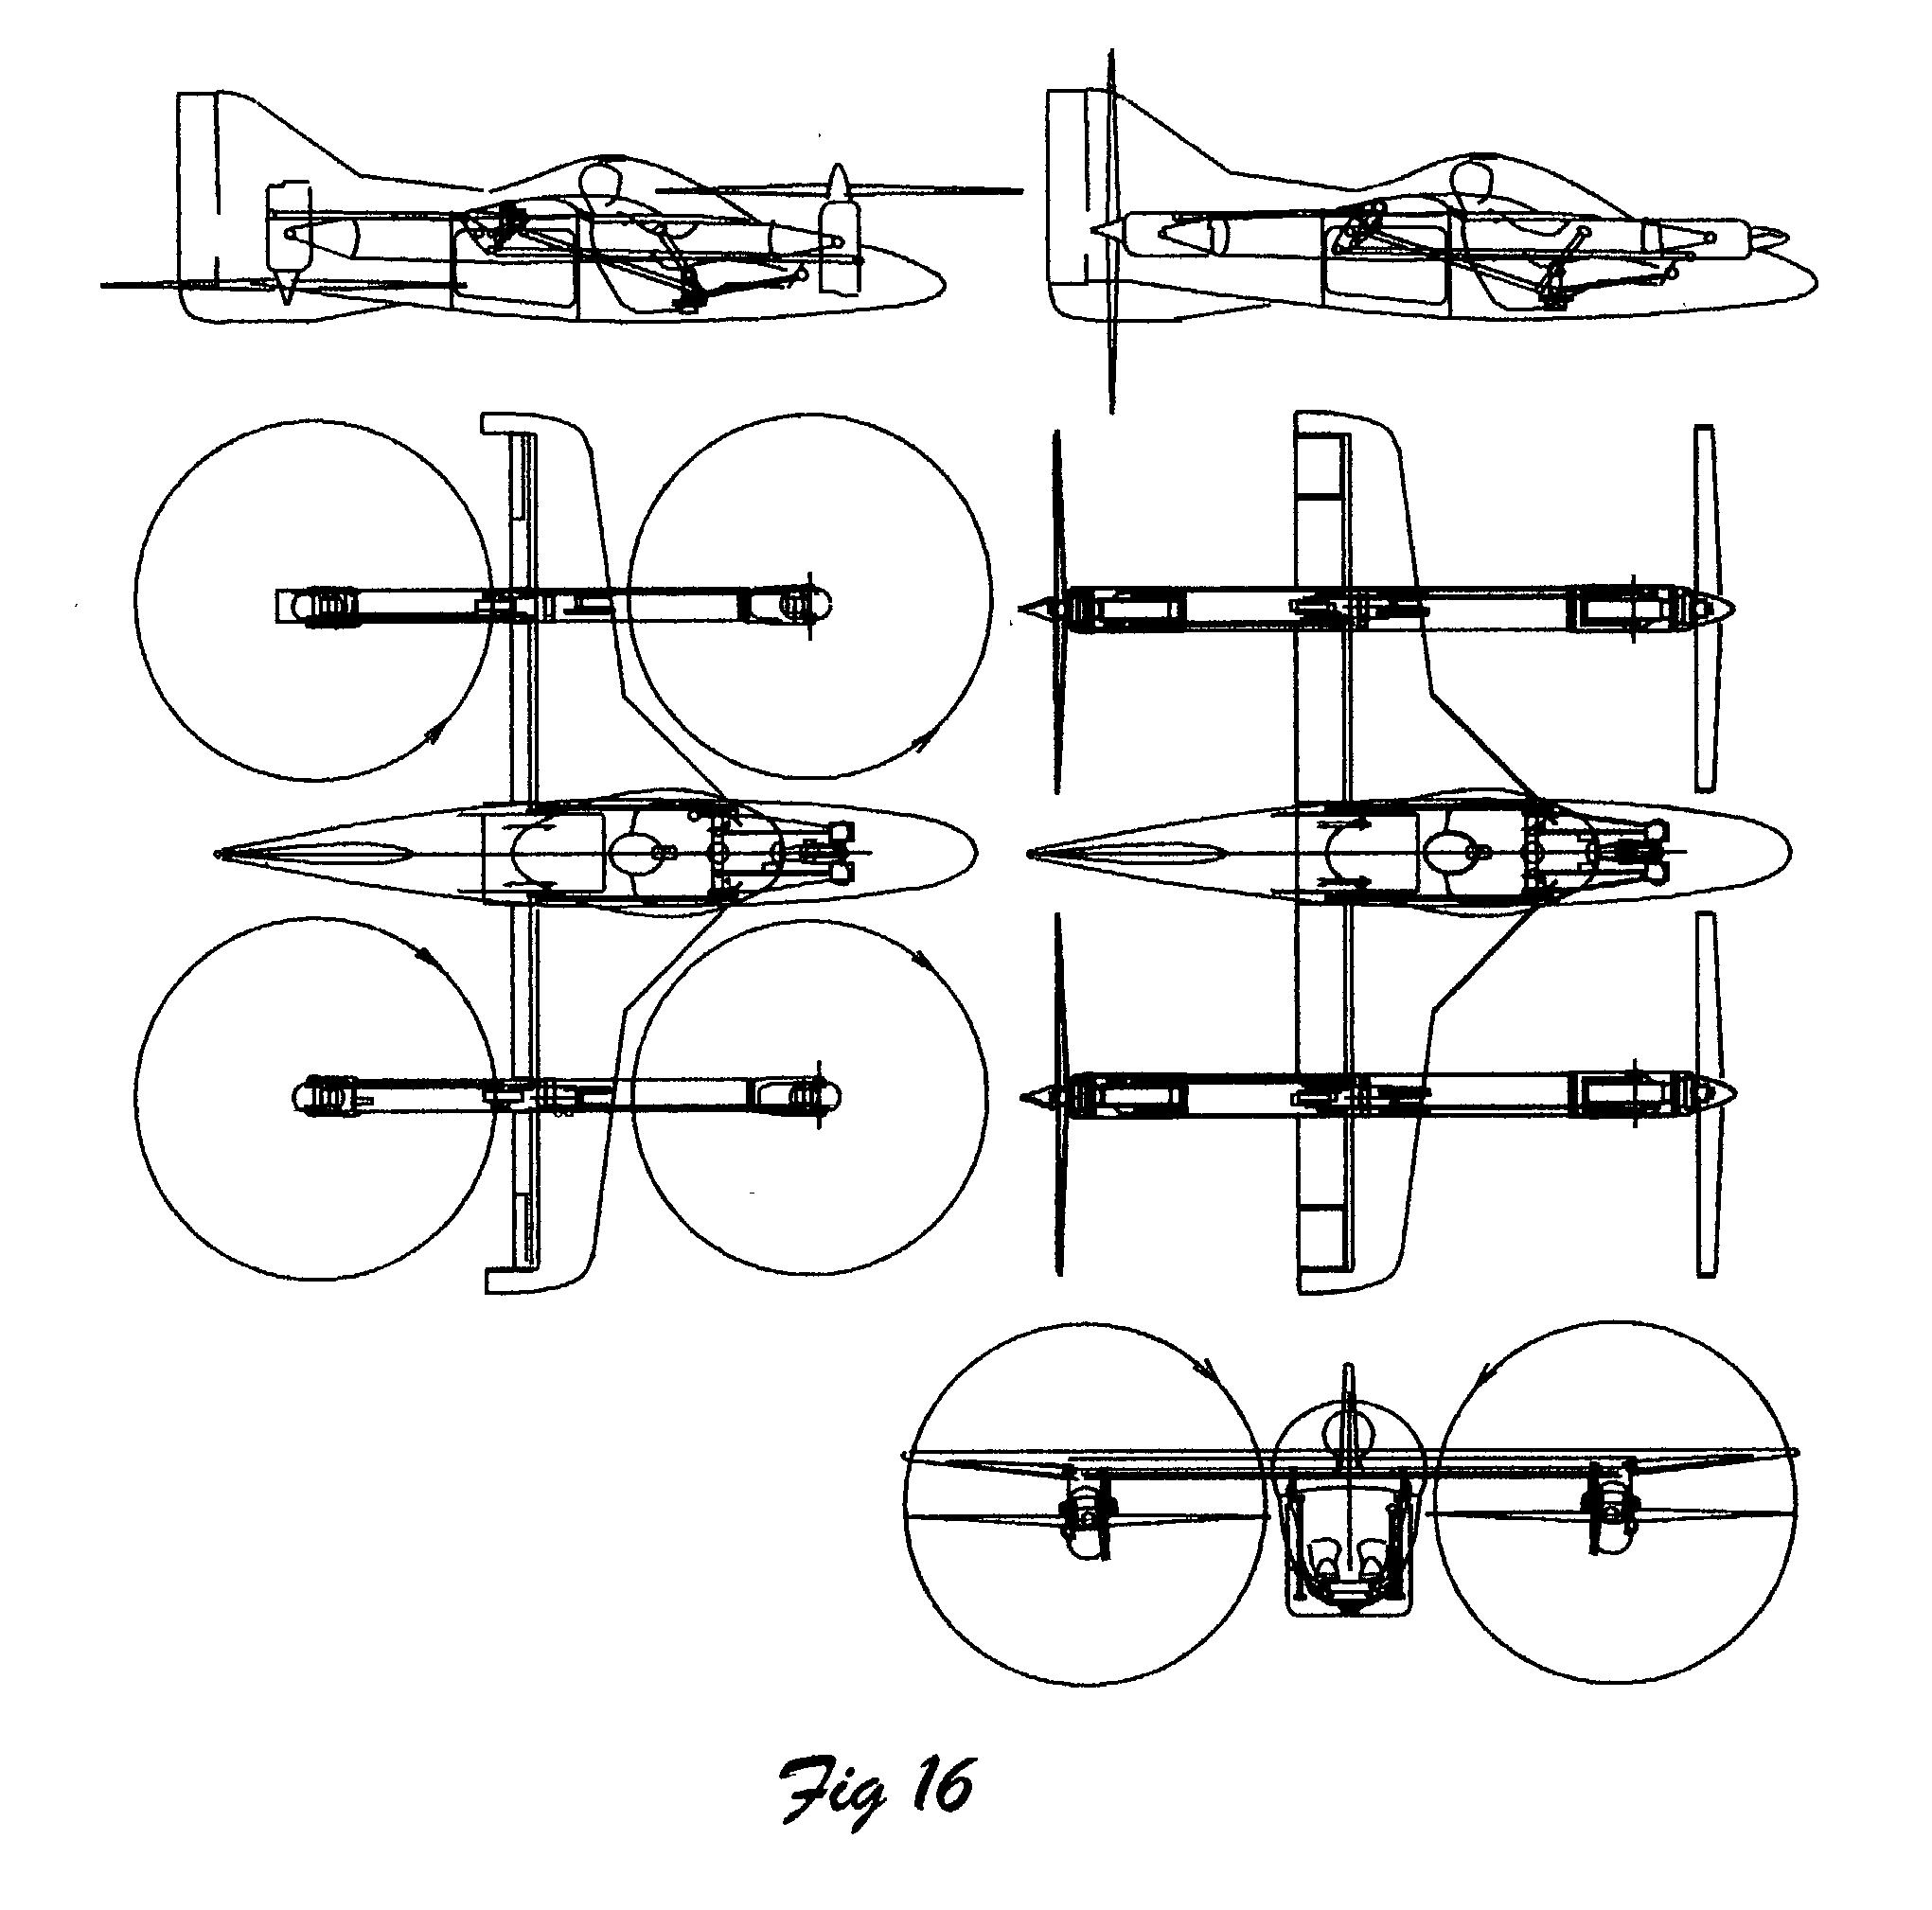 minimosd circuit diagram